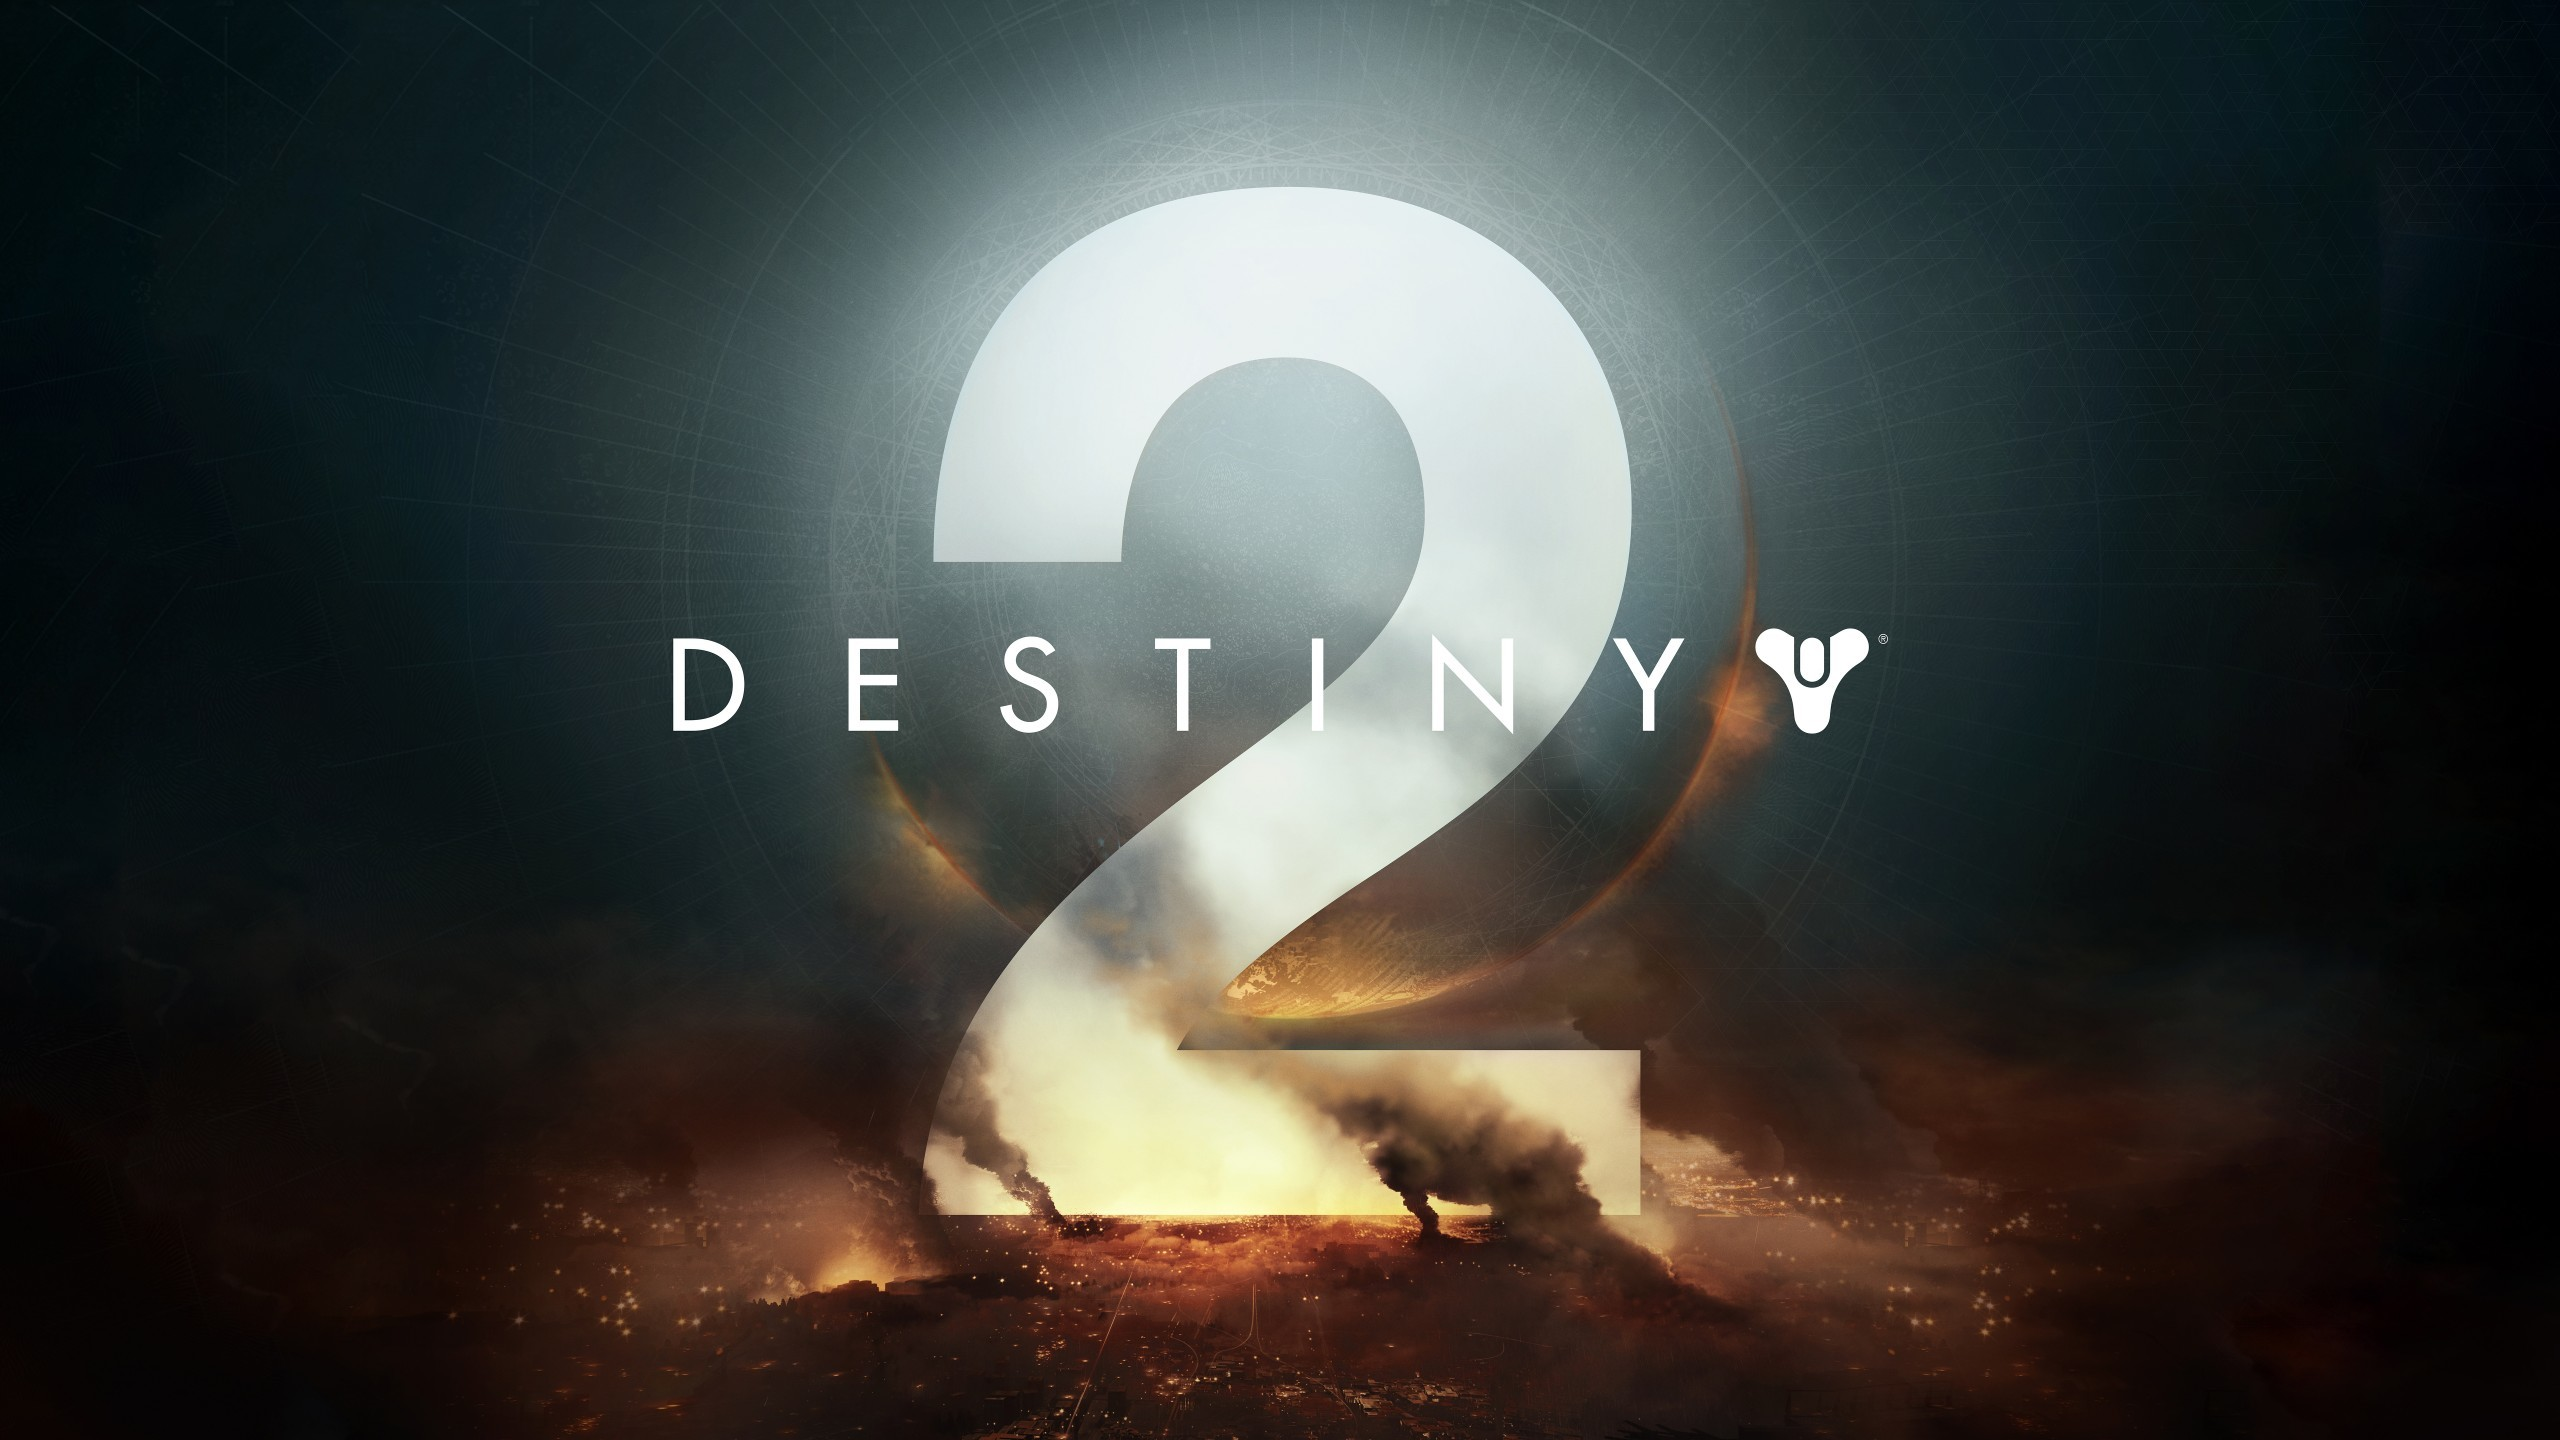 Games / Destiny 2 Wallpaper